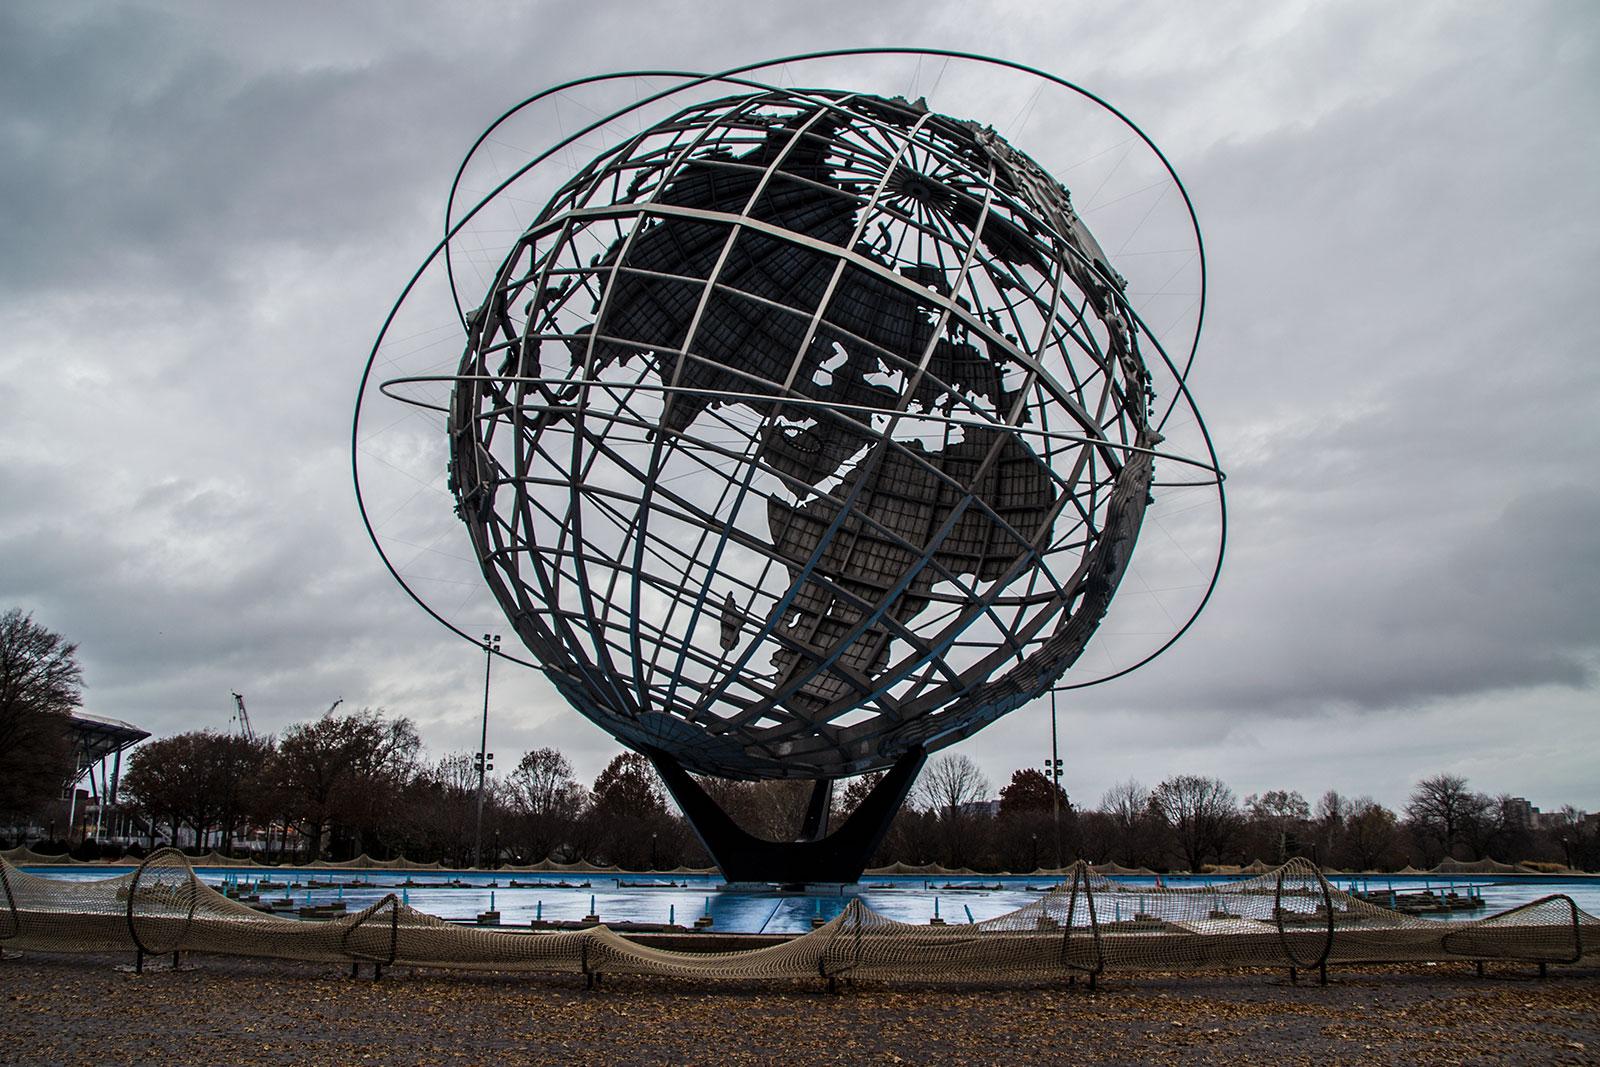 Escenario película Men in Black - excursiones desde Nueva York